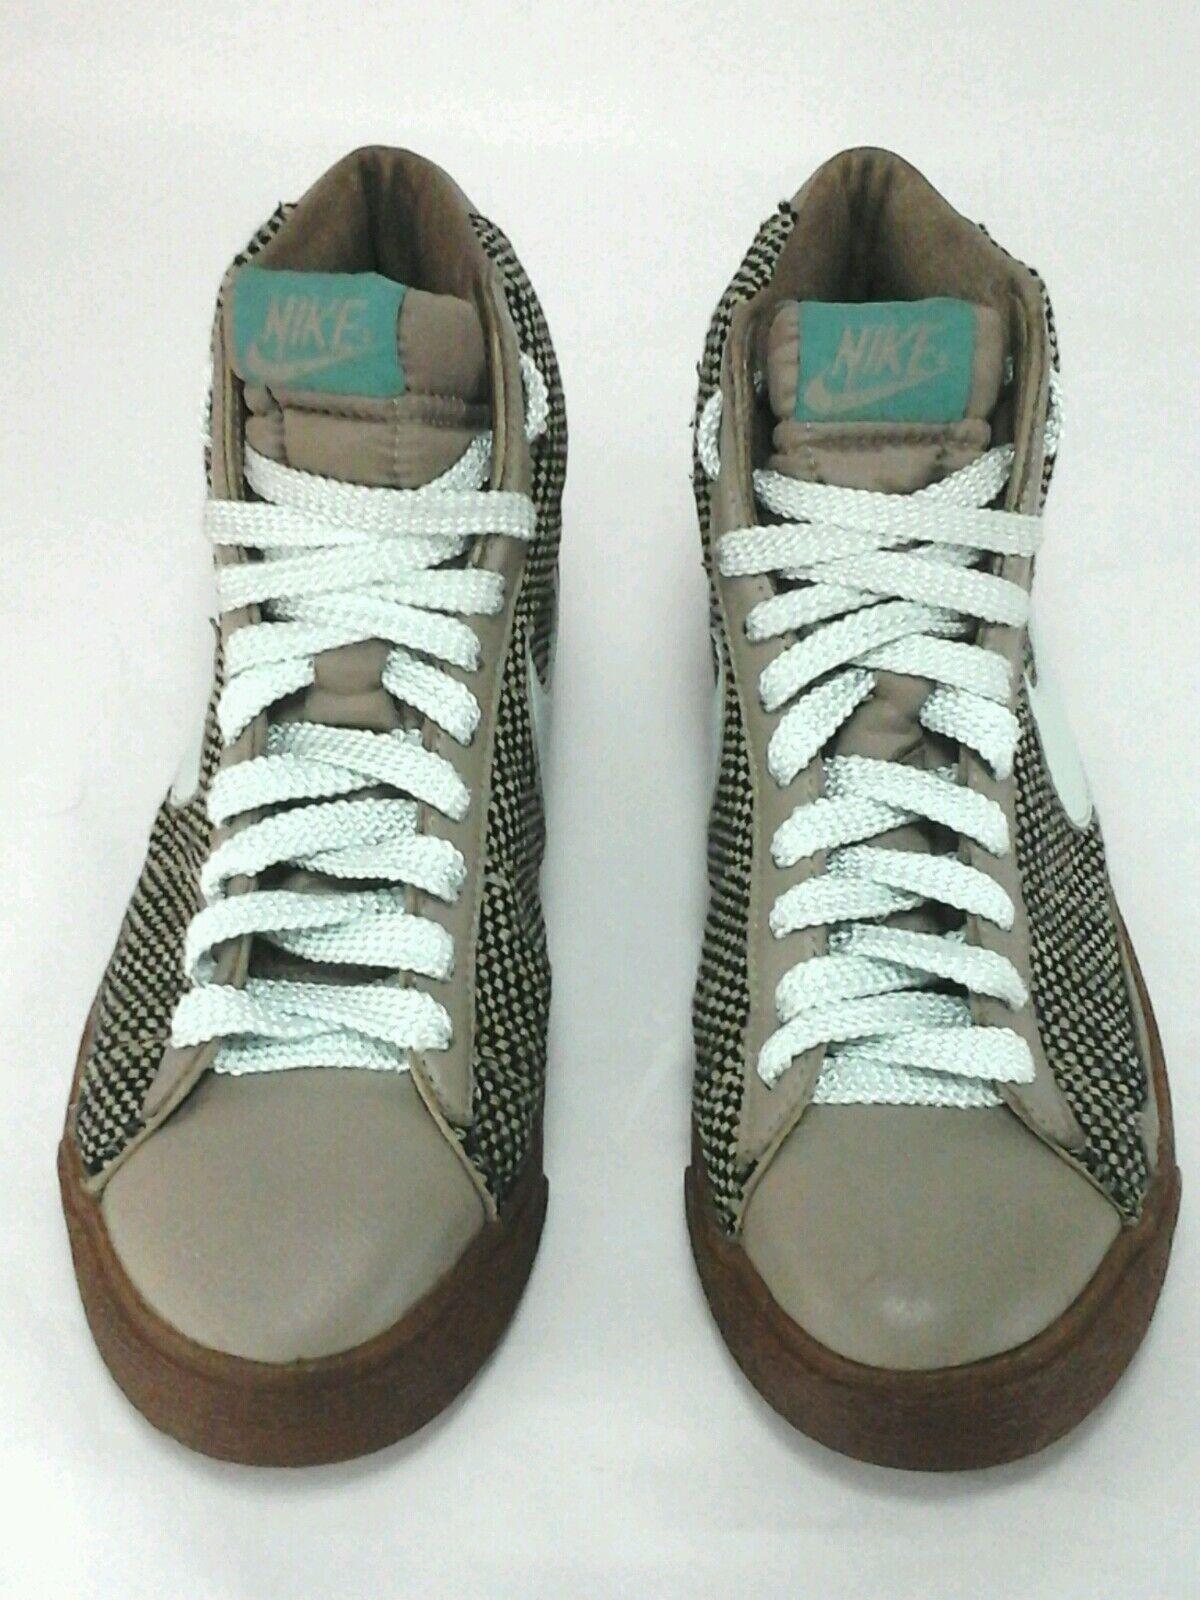 Nike alta Top zapatos Tweed MarrónMenta Verde 2005 Goma